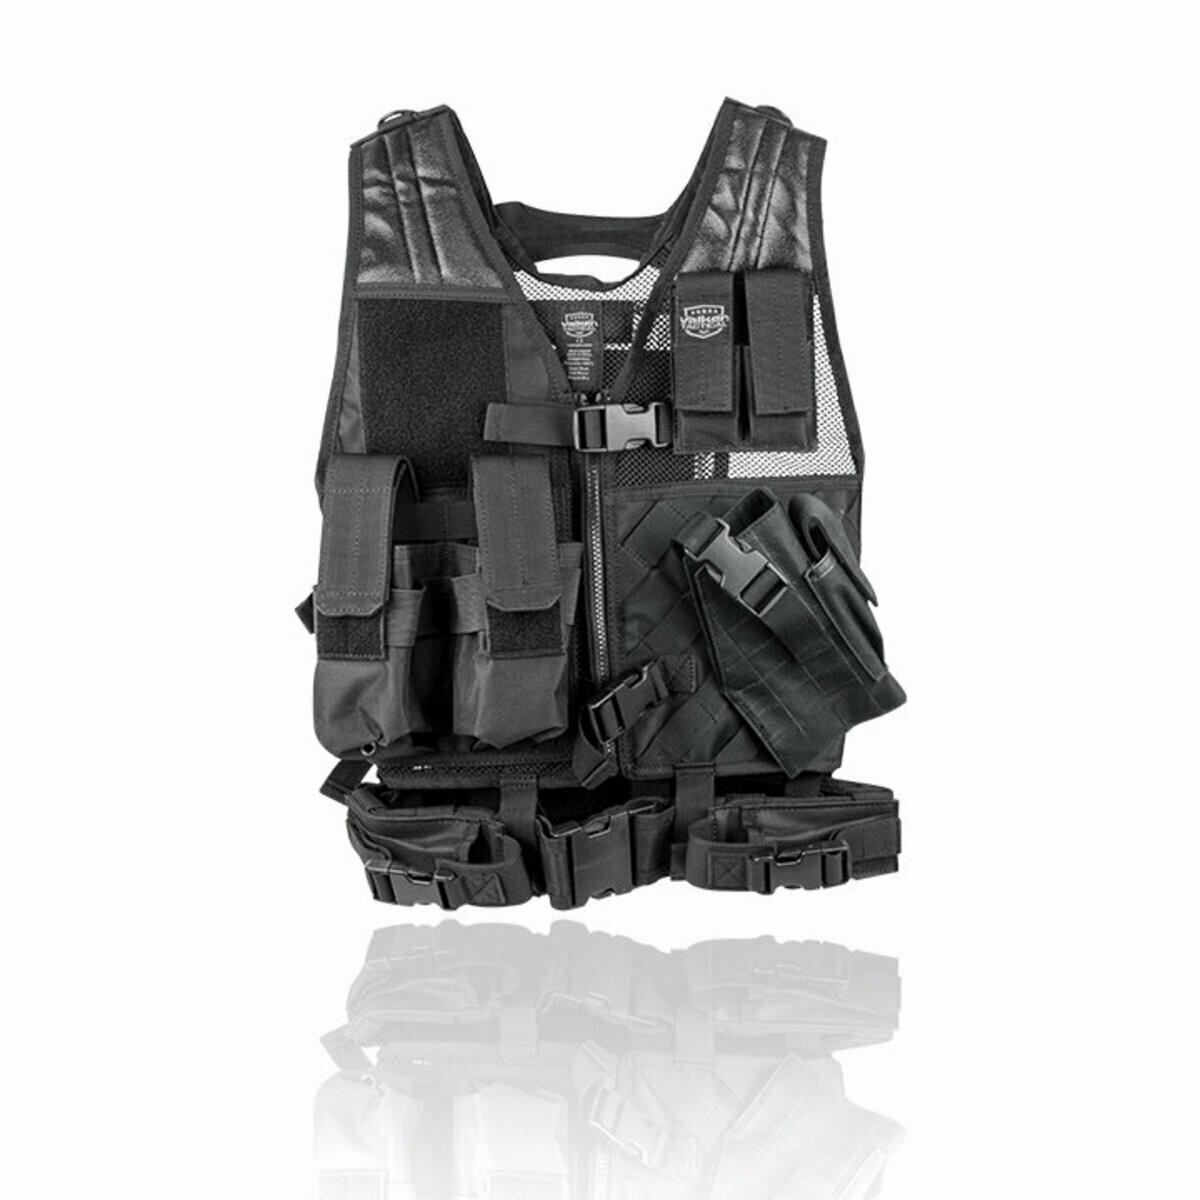 Valken Youth Crossdraw Airsoft Vest